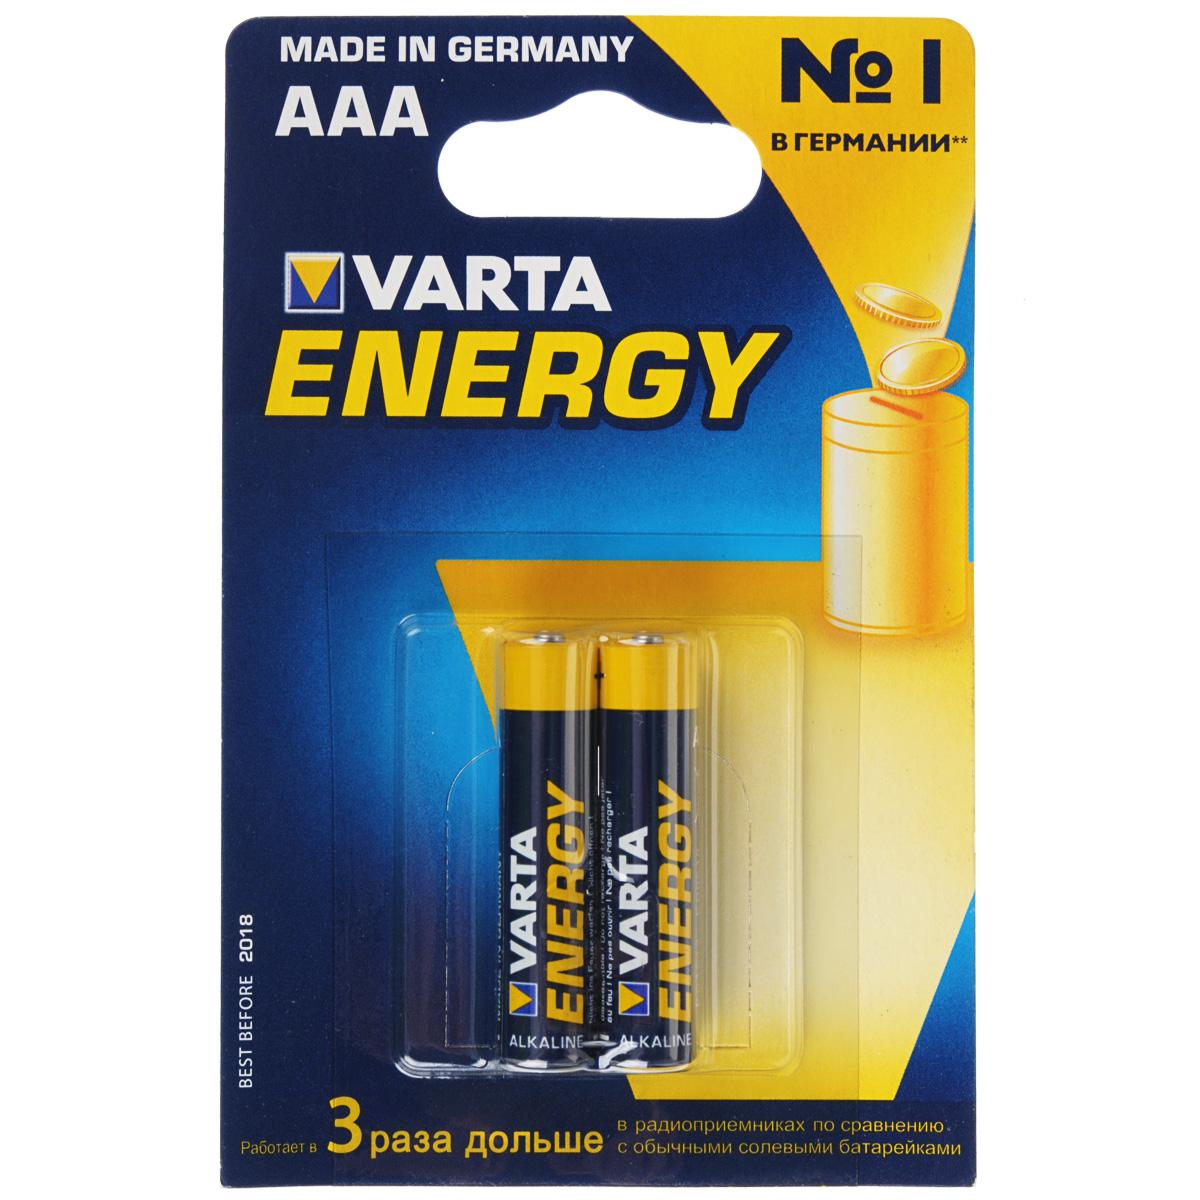 Батарейка Varta Energy, тип AAA, 1,5В, 2 шт1652Алкалиновые батарейки Varta Energy отличаются долгим сроком работы, подходят для аудио- видео- техники, а также другой электроники и бытовых приборов. Сделаны из качественных материалов.